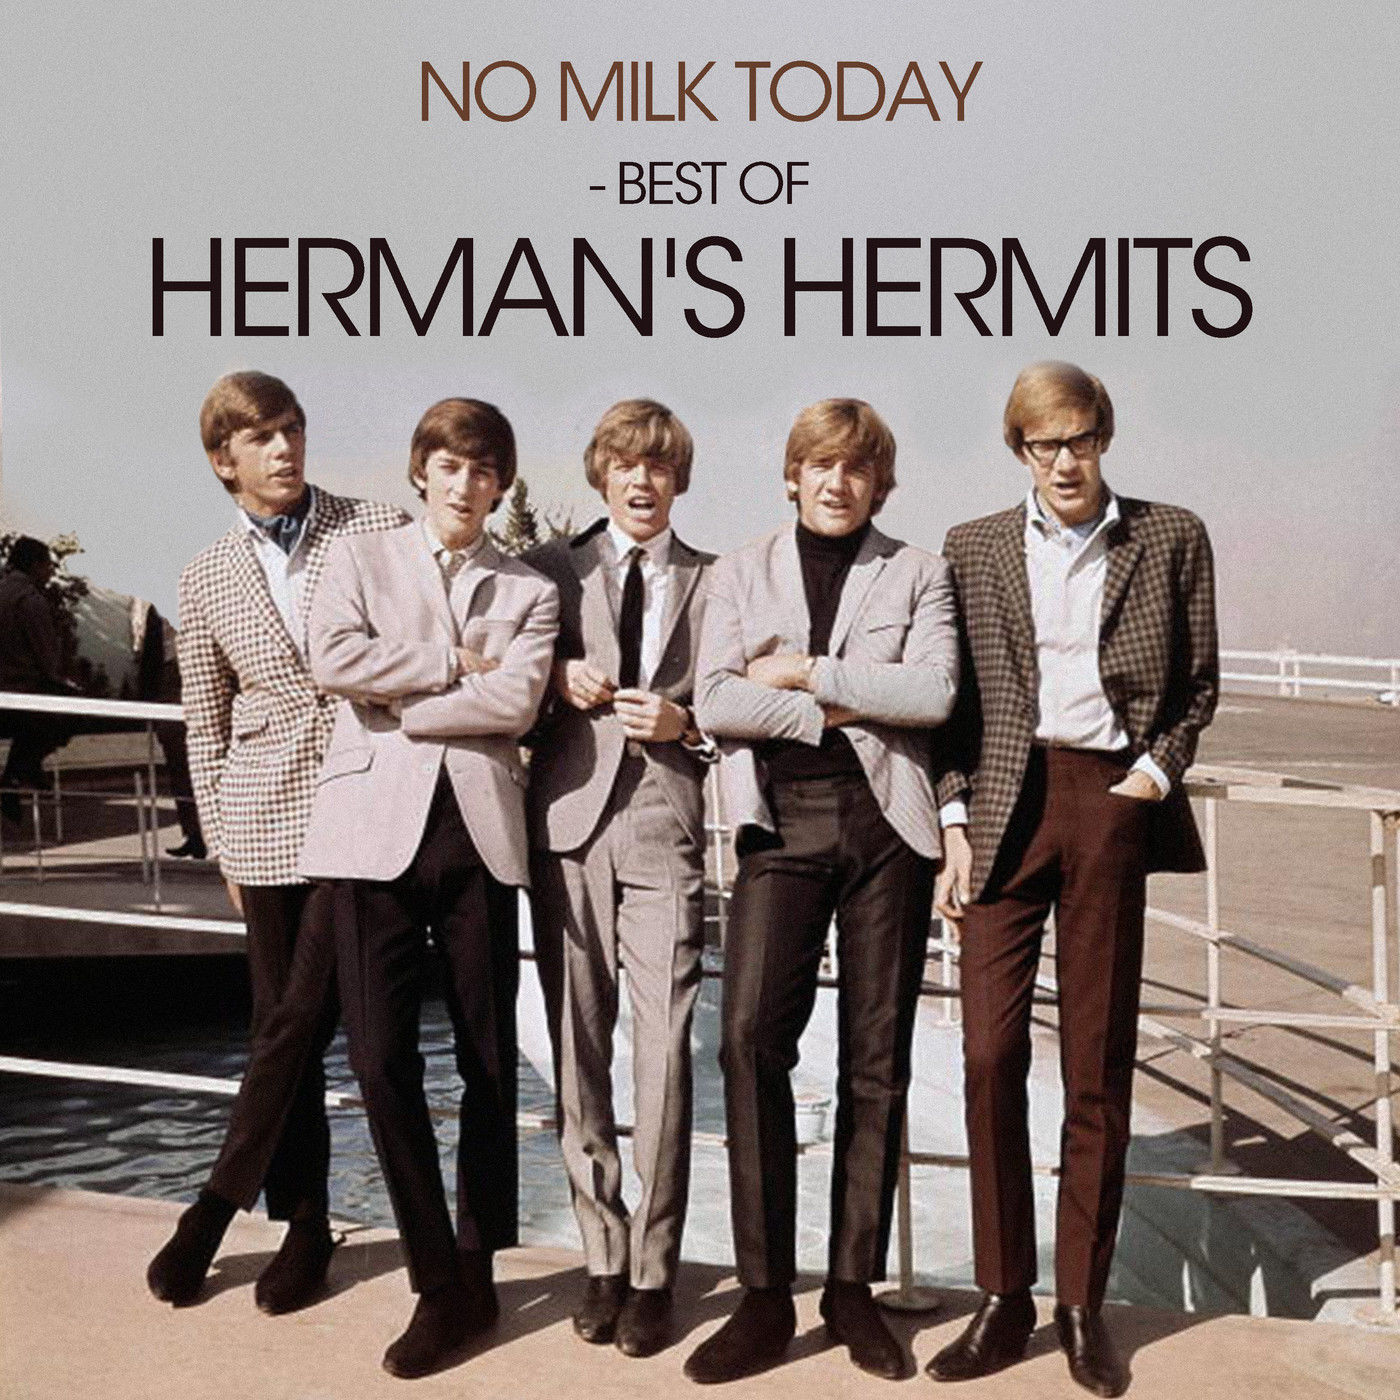 Hermans Hermits No Milk Today